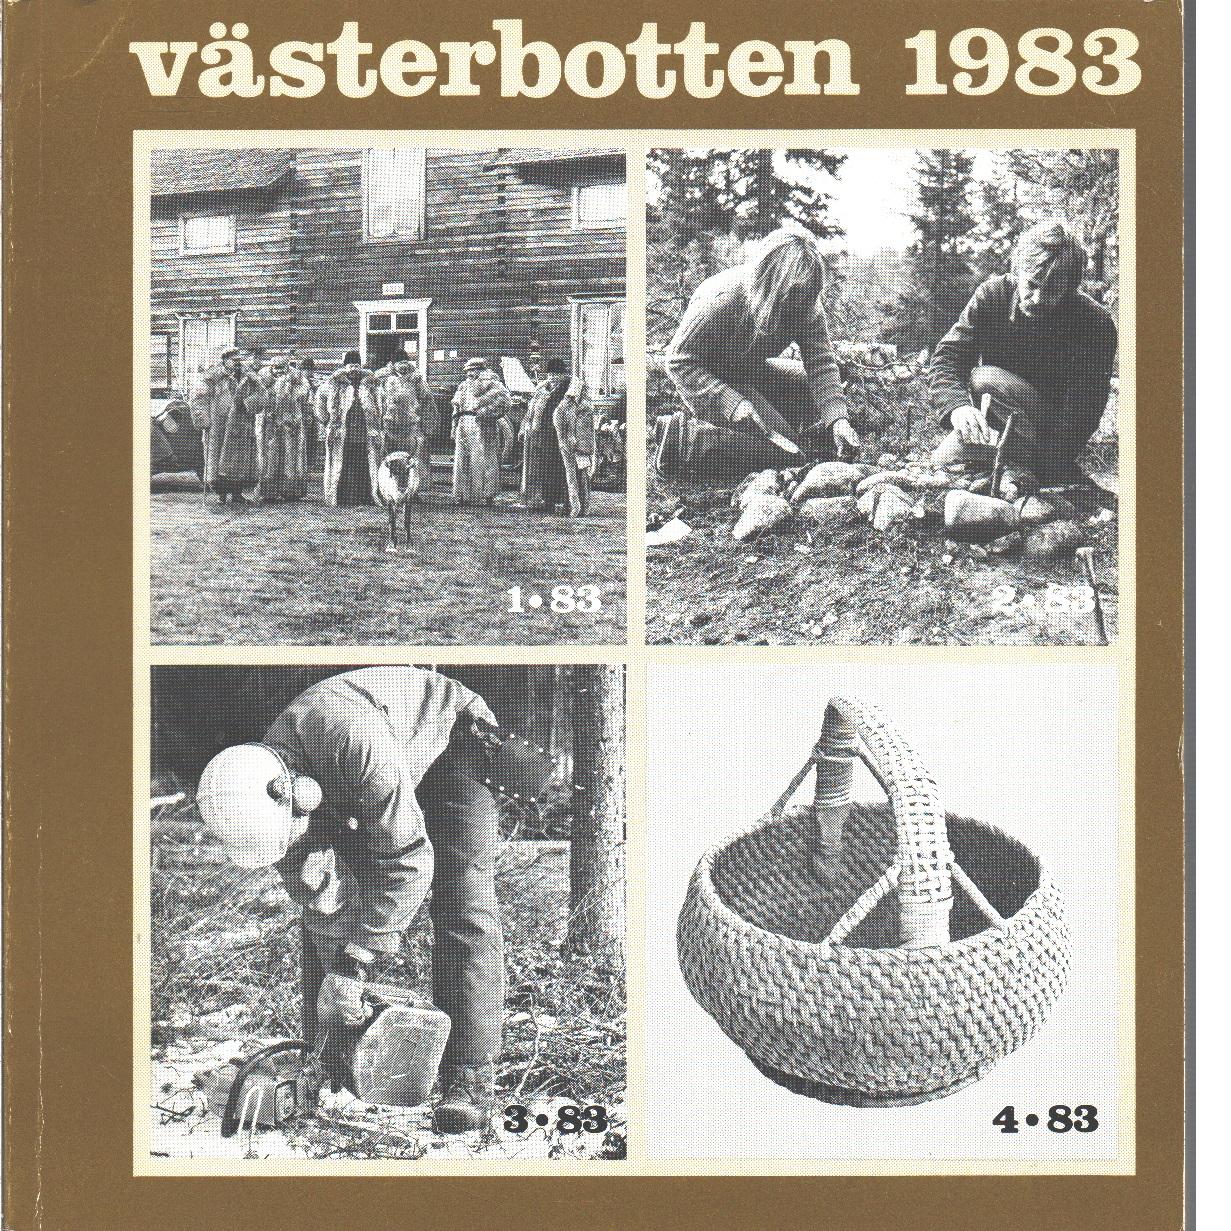 Västerbotten : Västerbottens läns hembygdsförenings årsbok 1983 - Red.